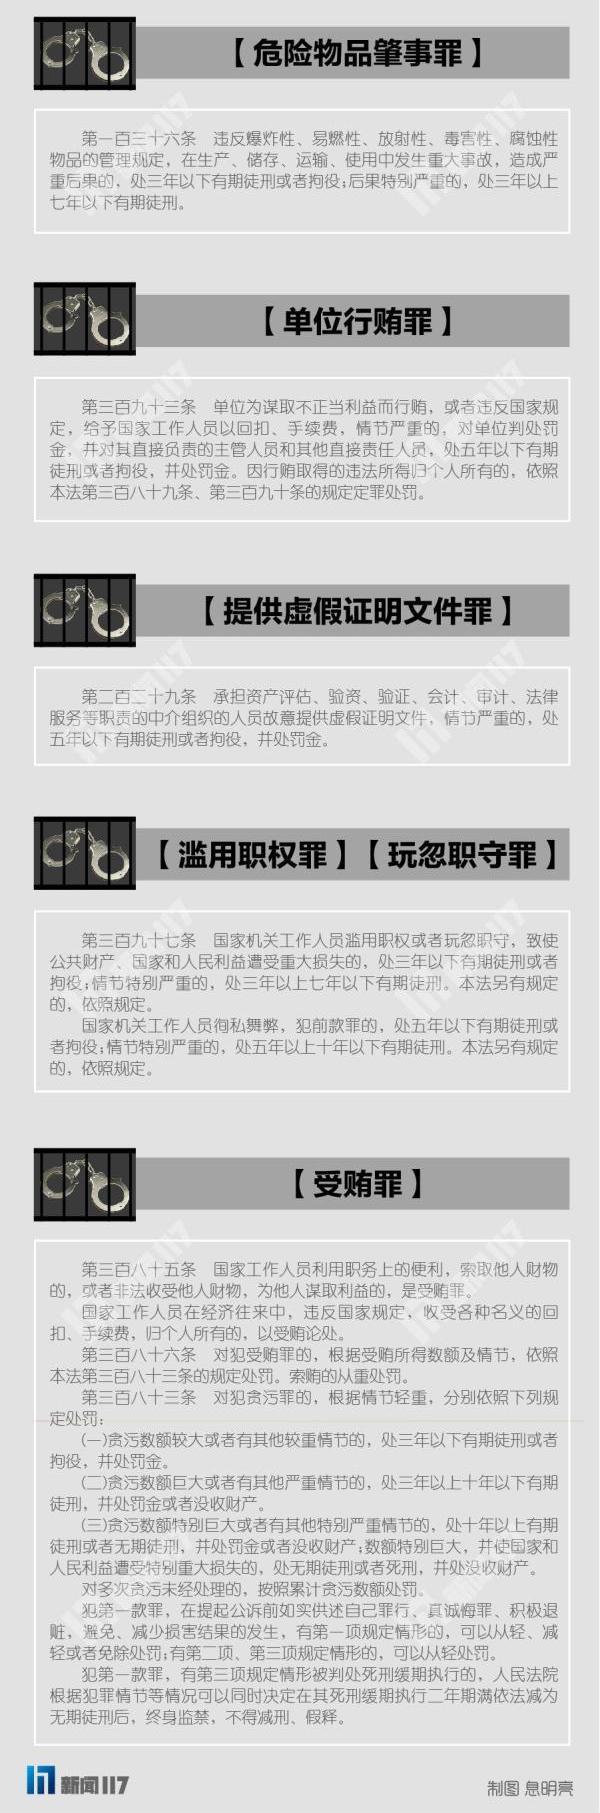 """法学专家释疑天津港爆炸案审判:为什么对于学伟判处""""死缓"""""""